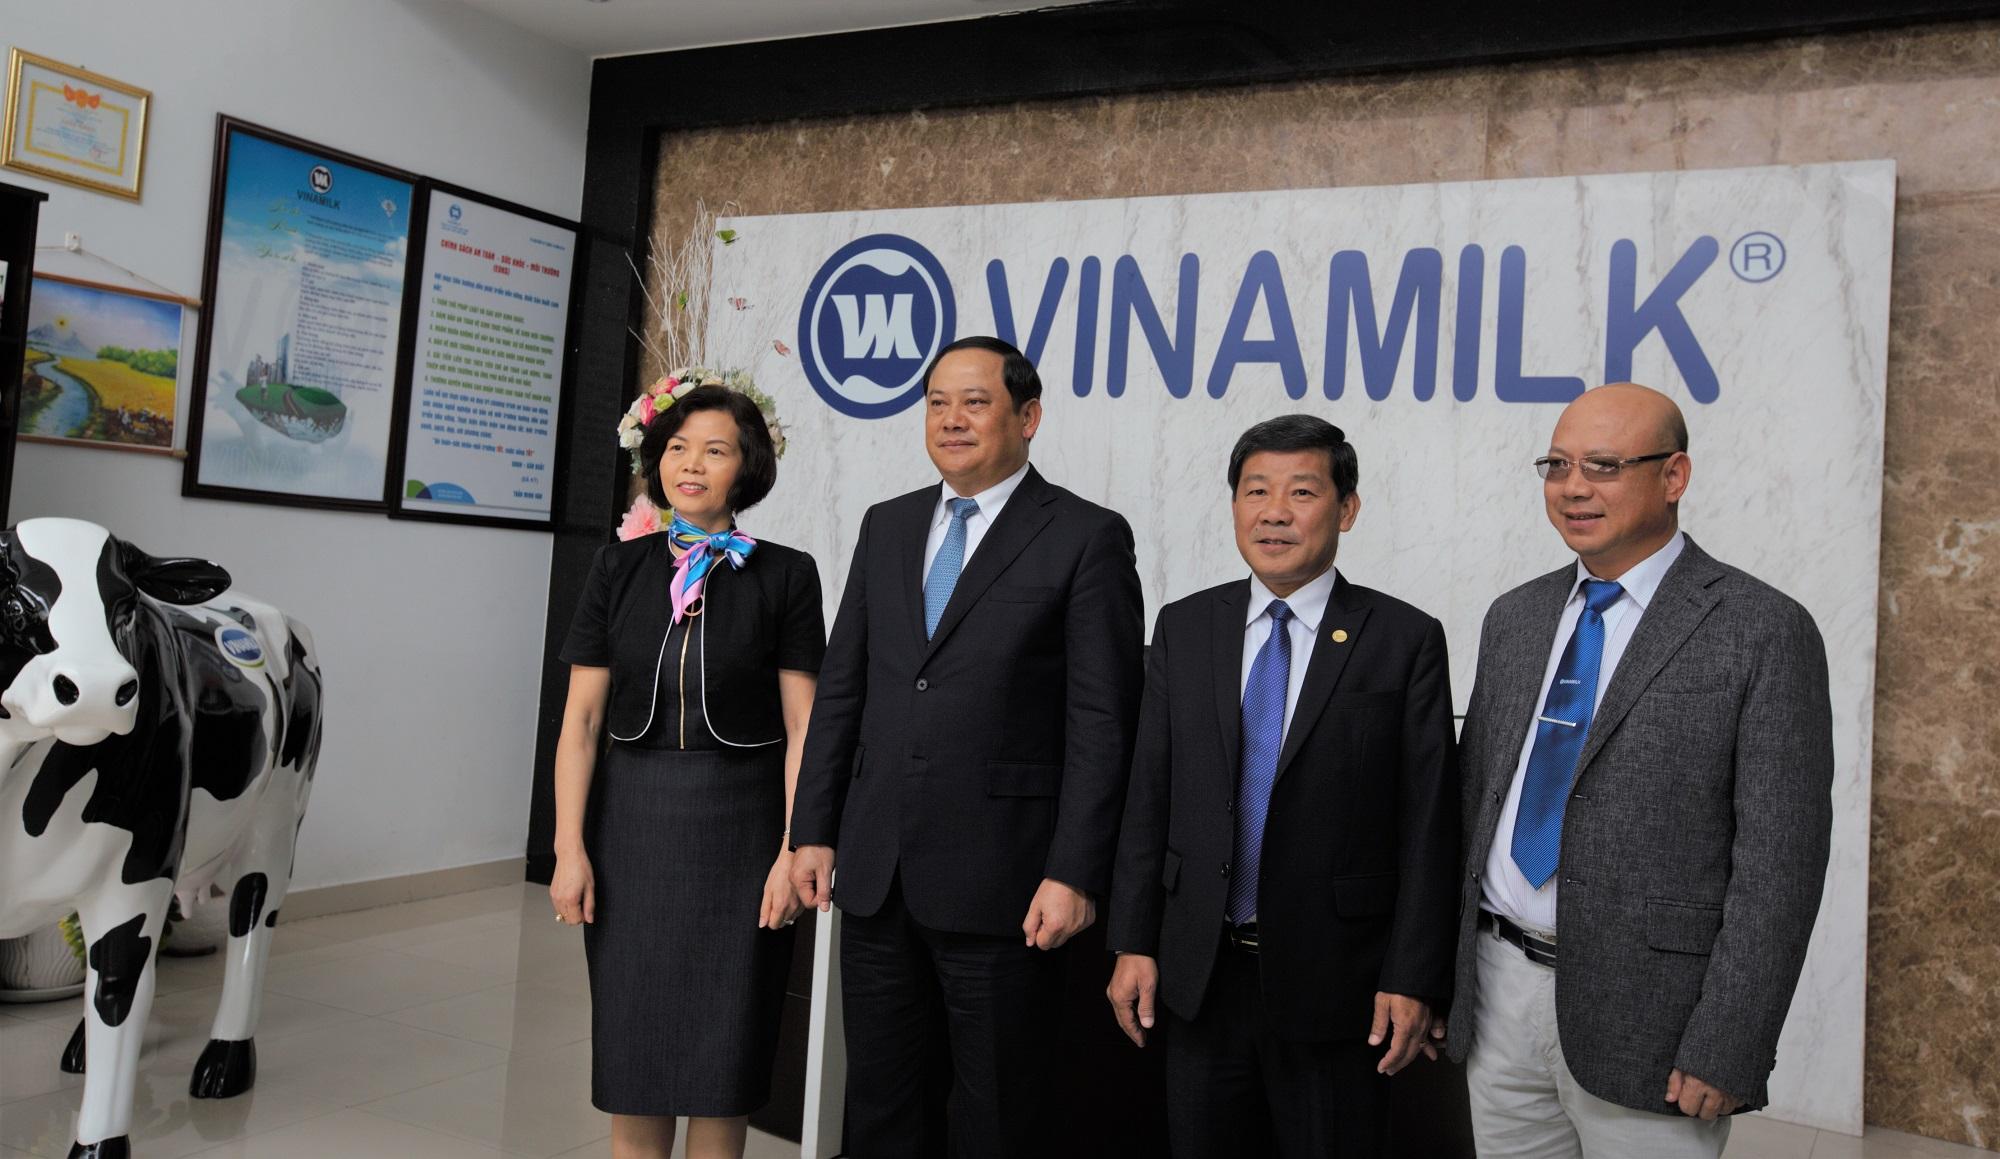 Phó Thủ tướng Lào Sonexay Siphandone; lãnh đạo tỉnh Bình Dương và lãnh đạo Vinamilk chụp hình lưu niệm tại Nhà máy Sữa Việt Nam.